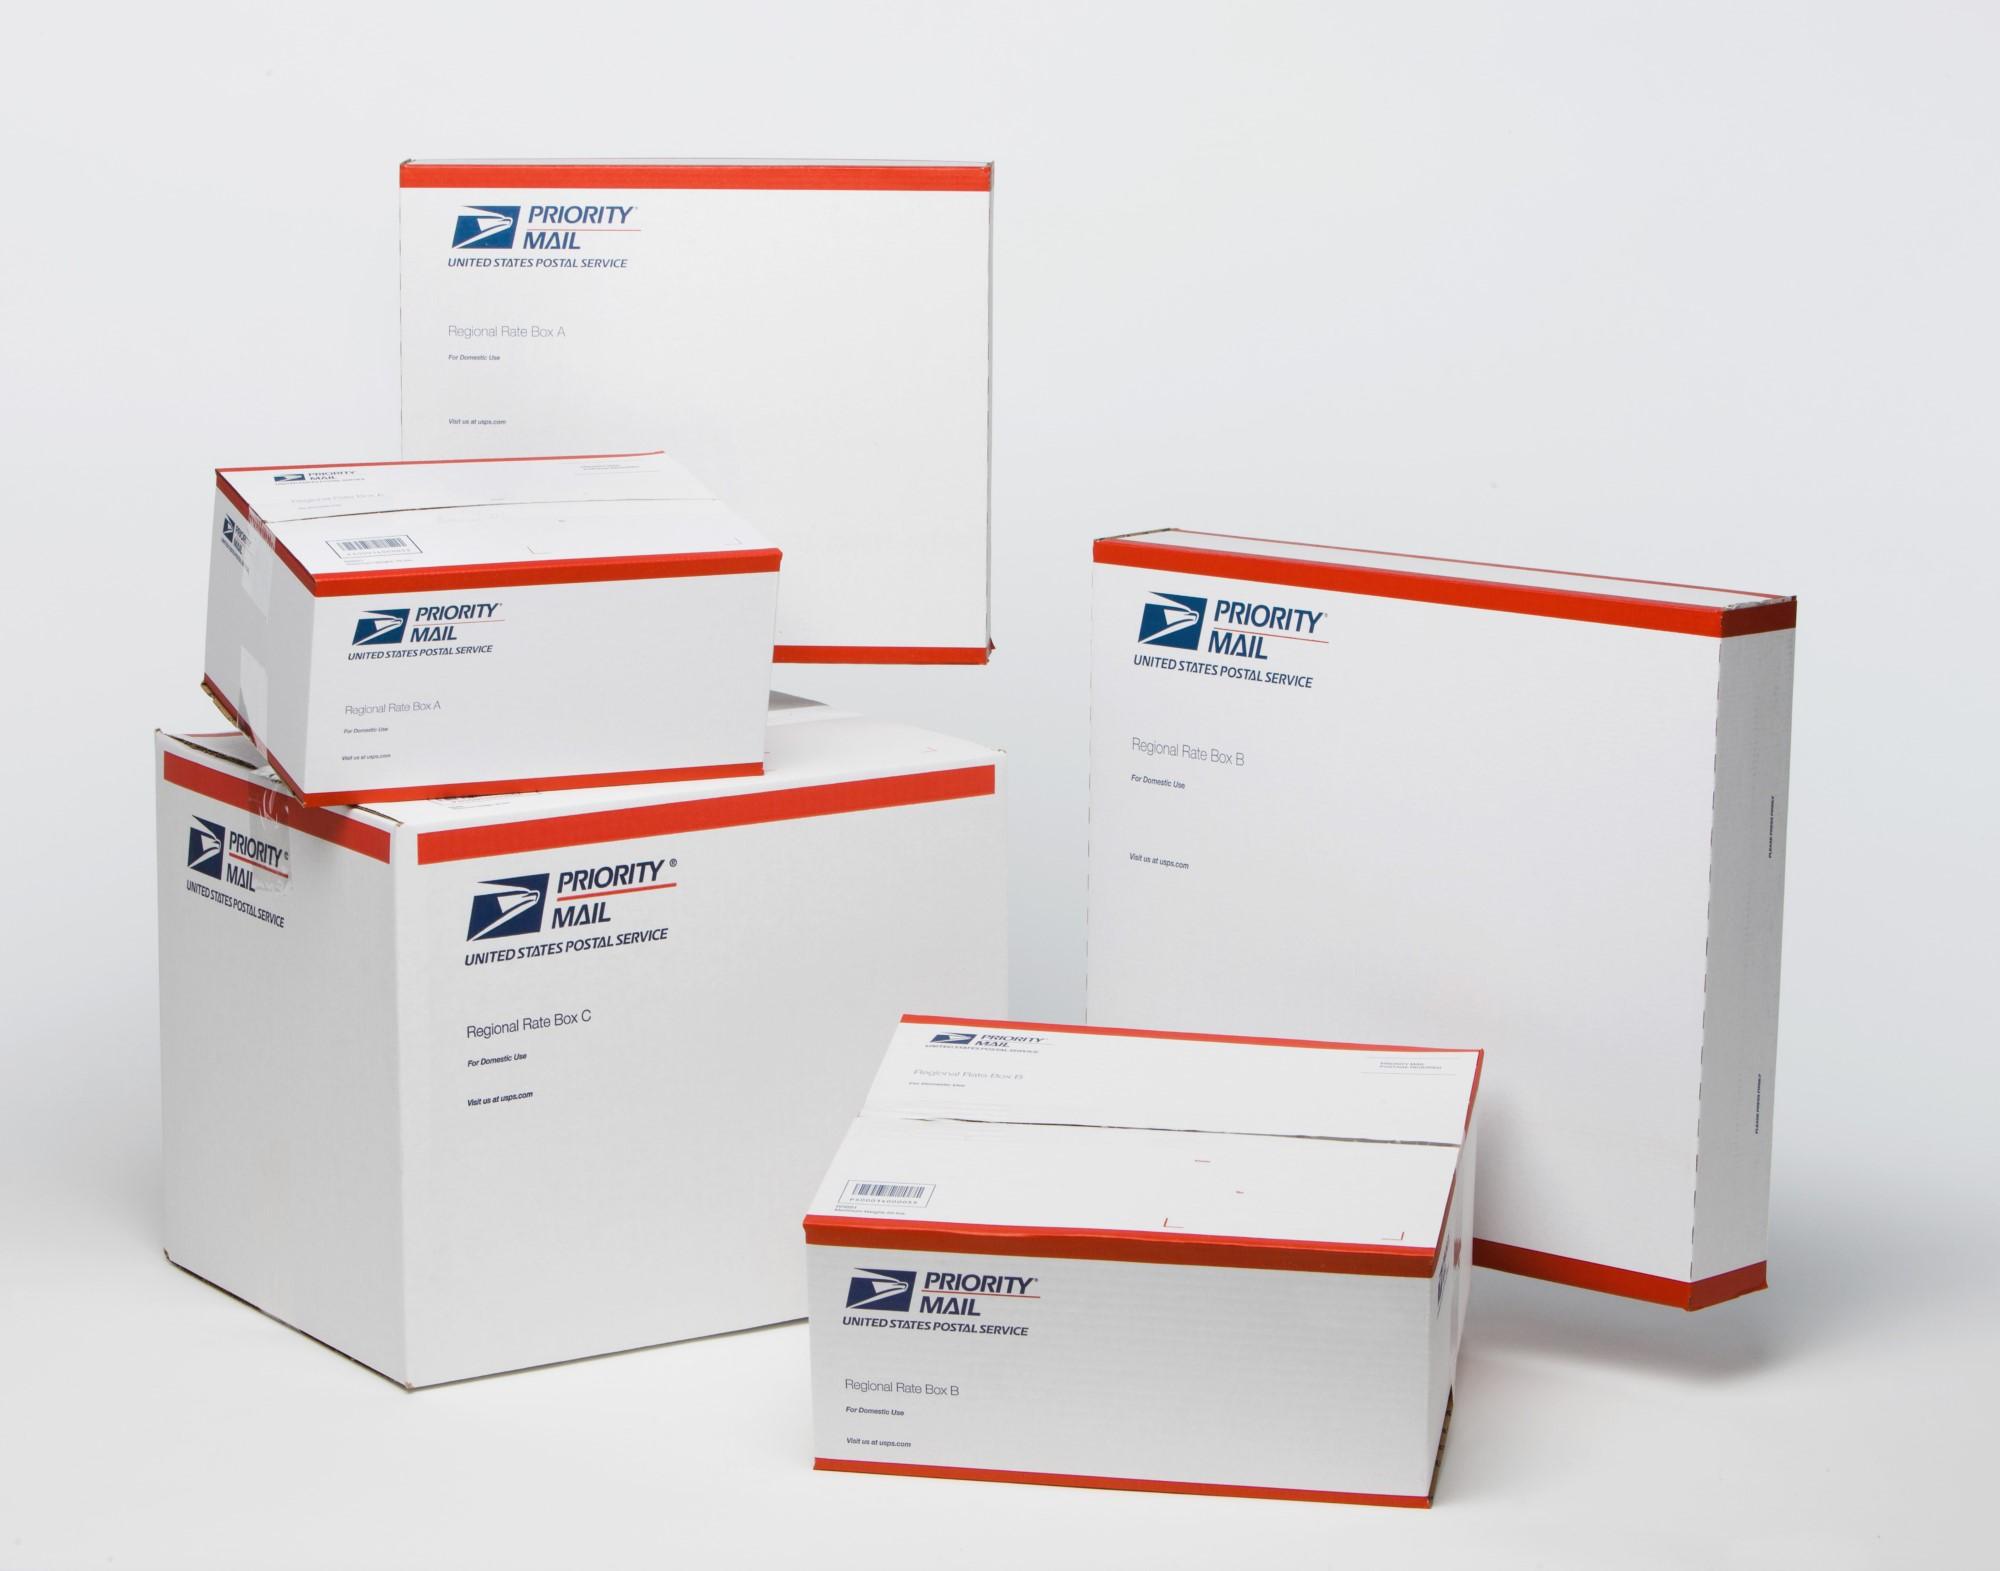 postal service boxes